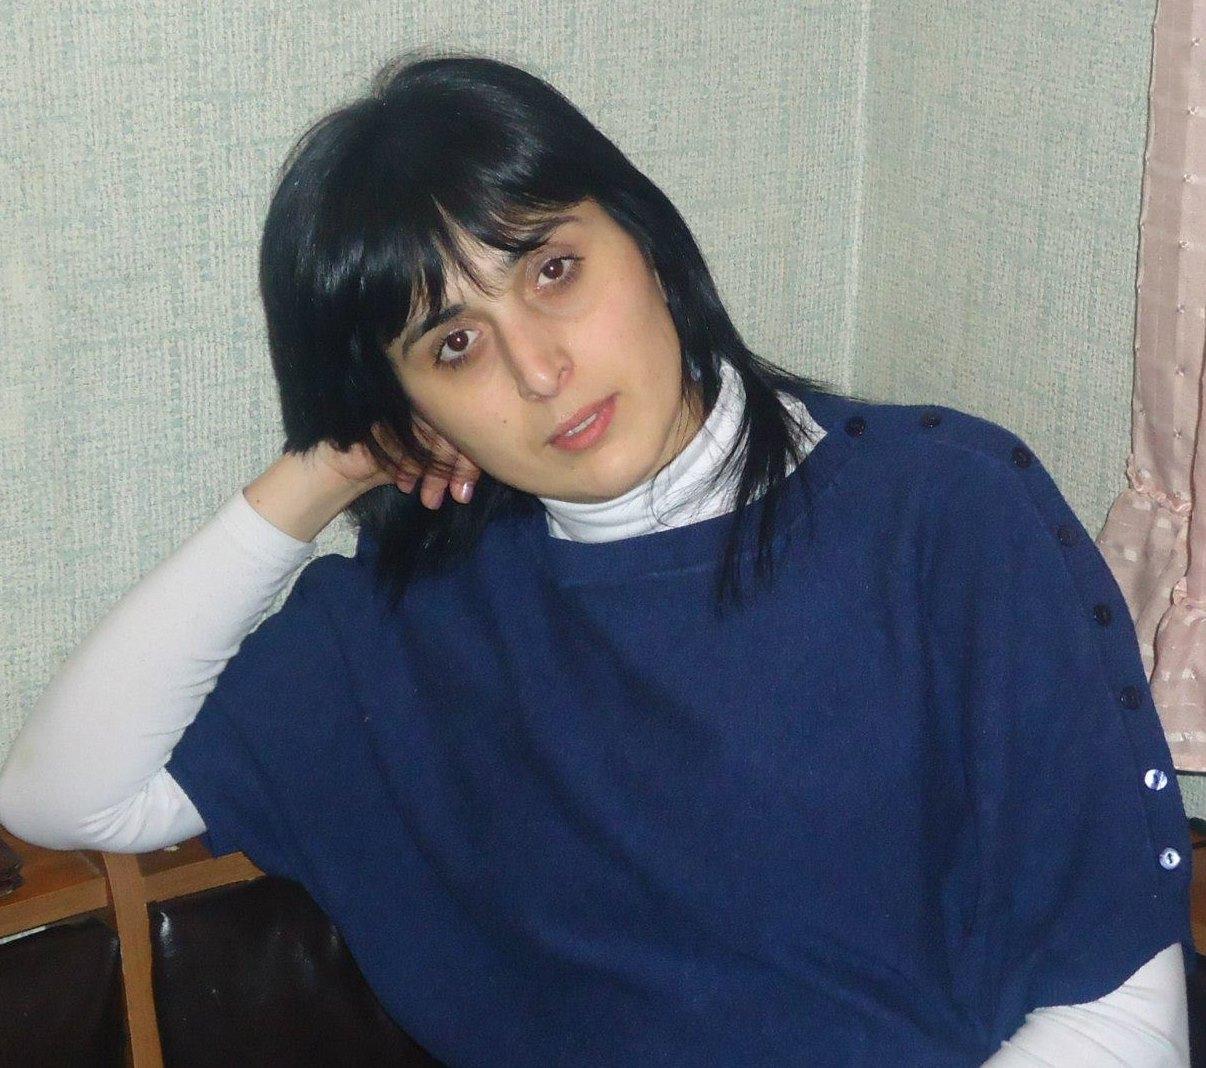 ლანა ალადაშვილი